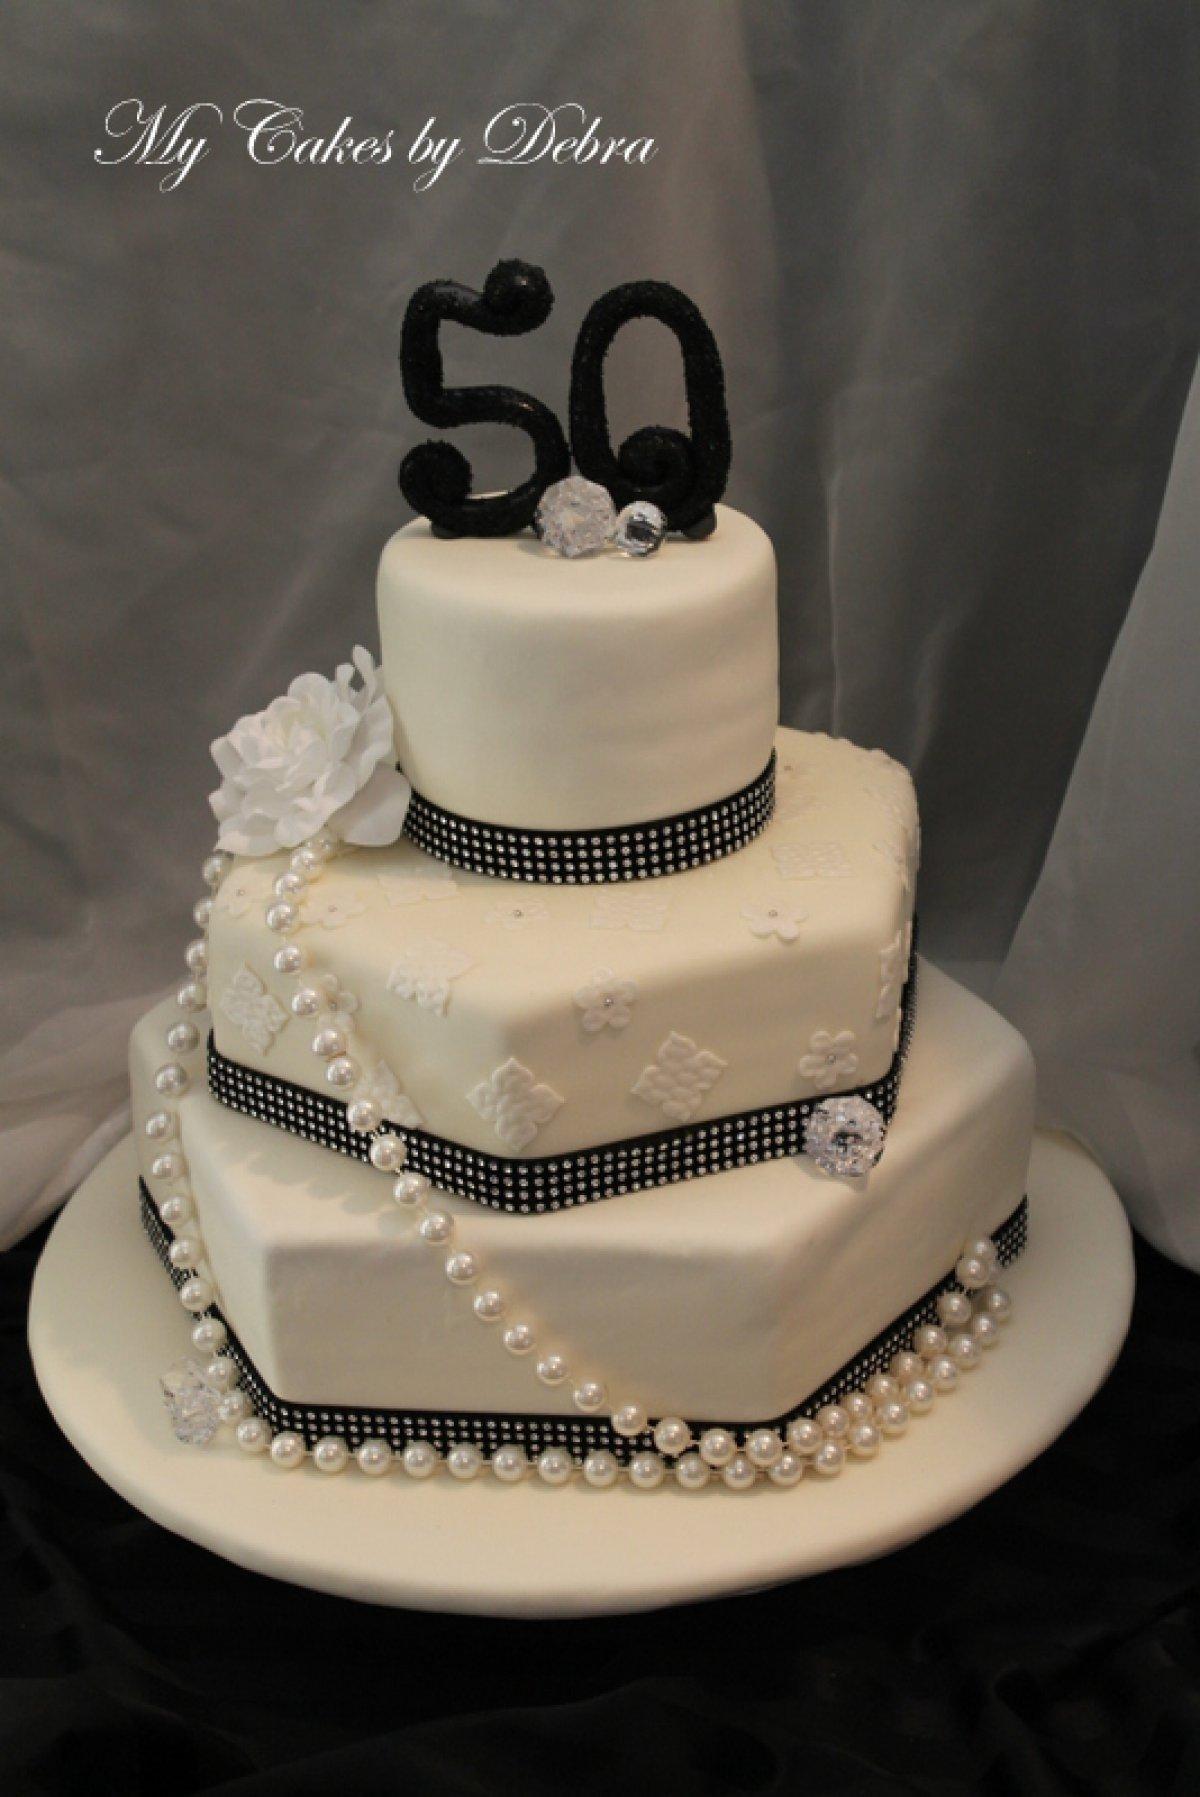 10 Wonderful Ideas For 50Th Birthday Cake elegant 50th birthday cake toppers best 50th birthday cakes ideas 2020